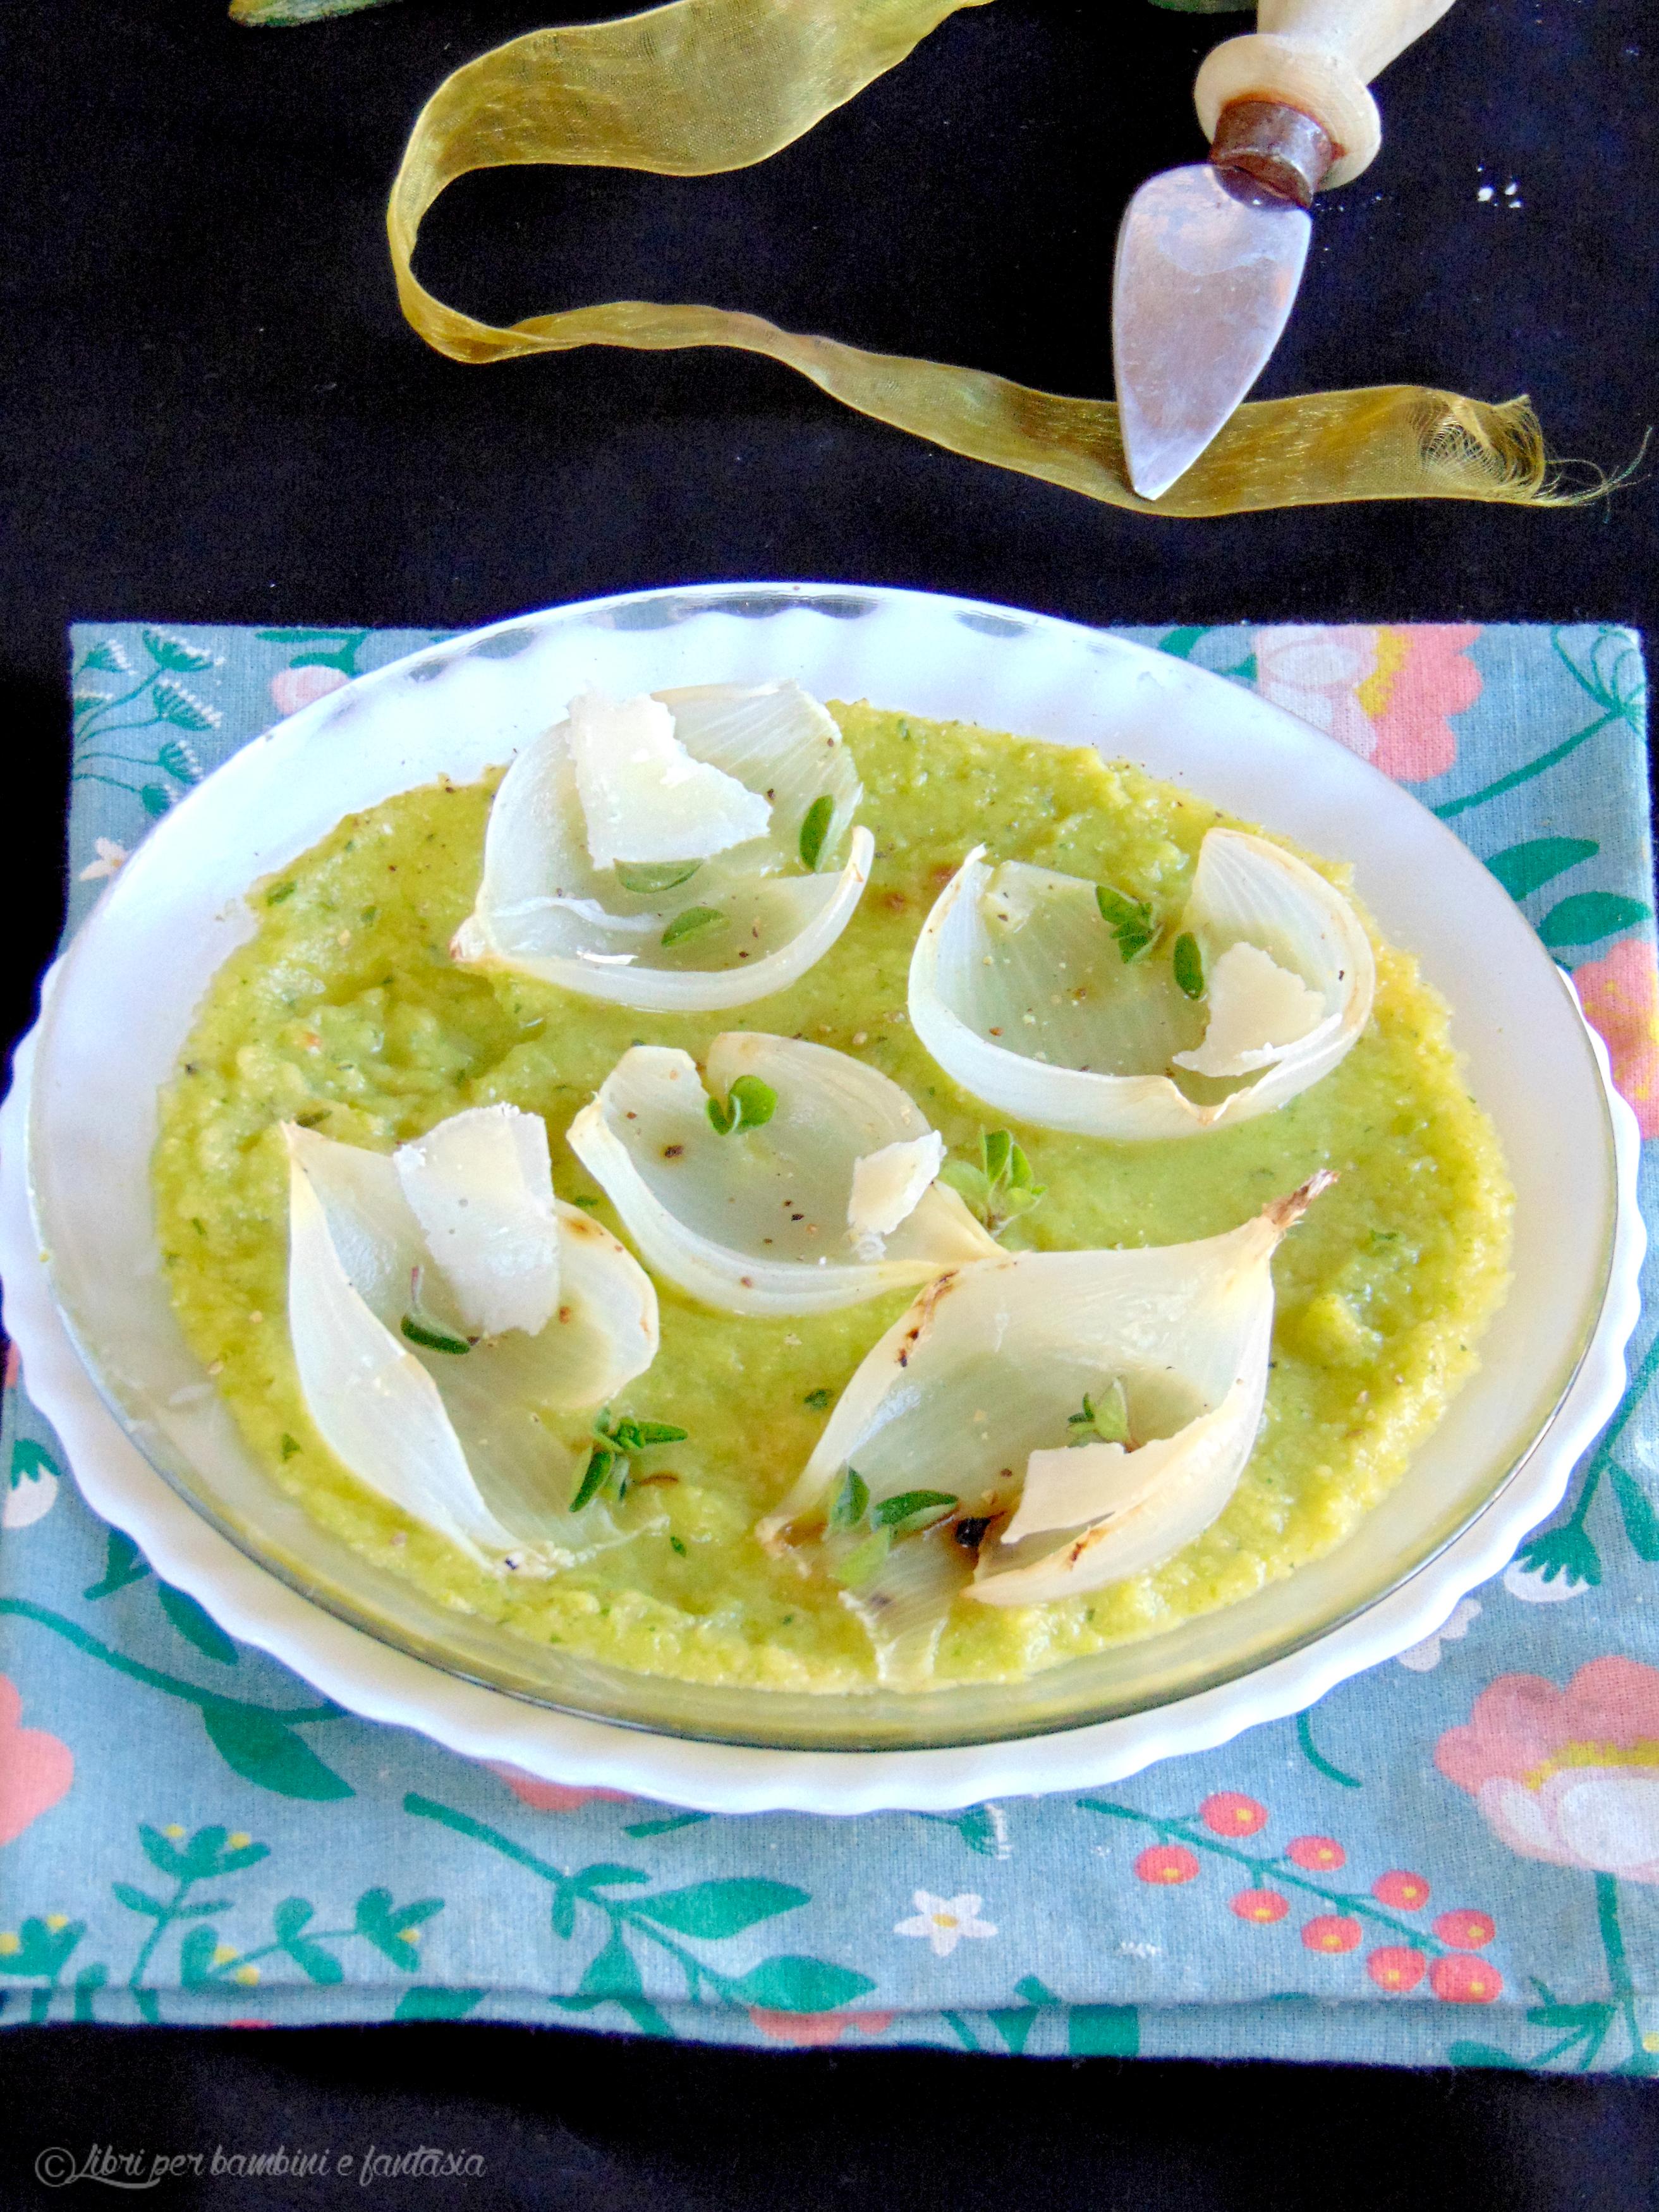 crema di zucchine con cipolle al forno e grana5